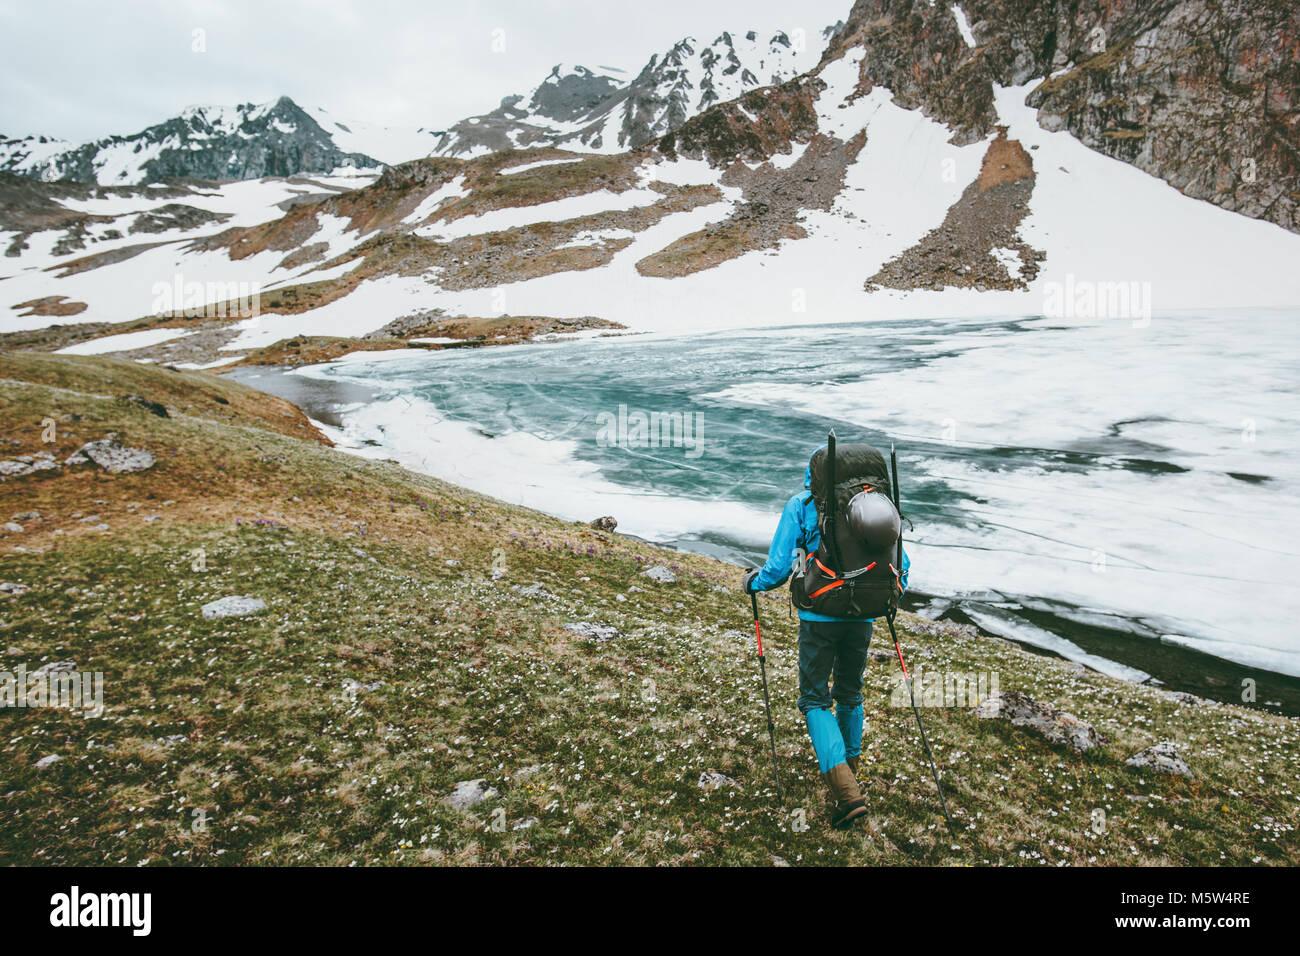 Mann mit Rucksack wandern Berge Lifestyle Reisen überleben Konzept Abenteuer Outdoor Aktiv Ferien klettern Stockbild